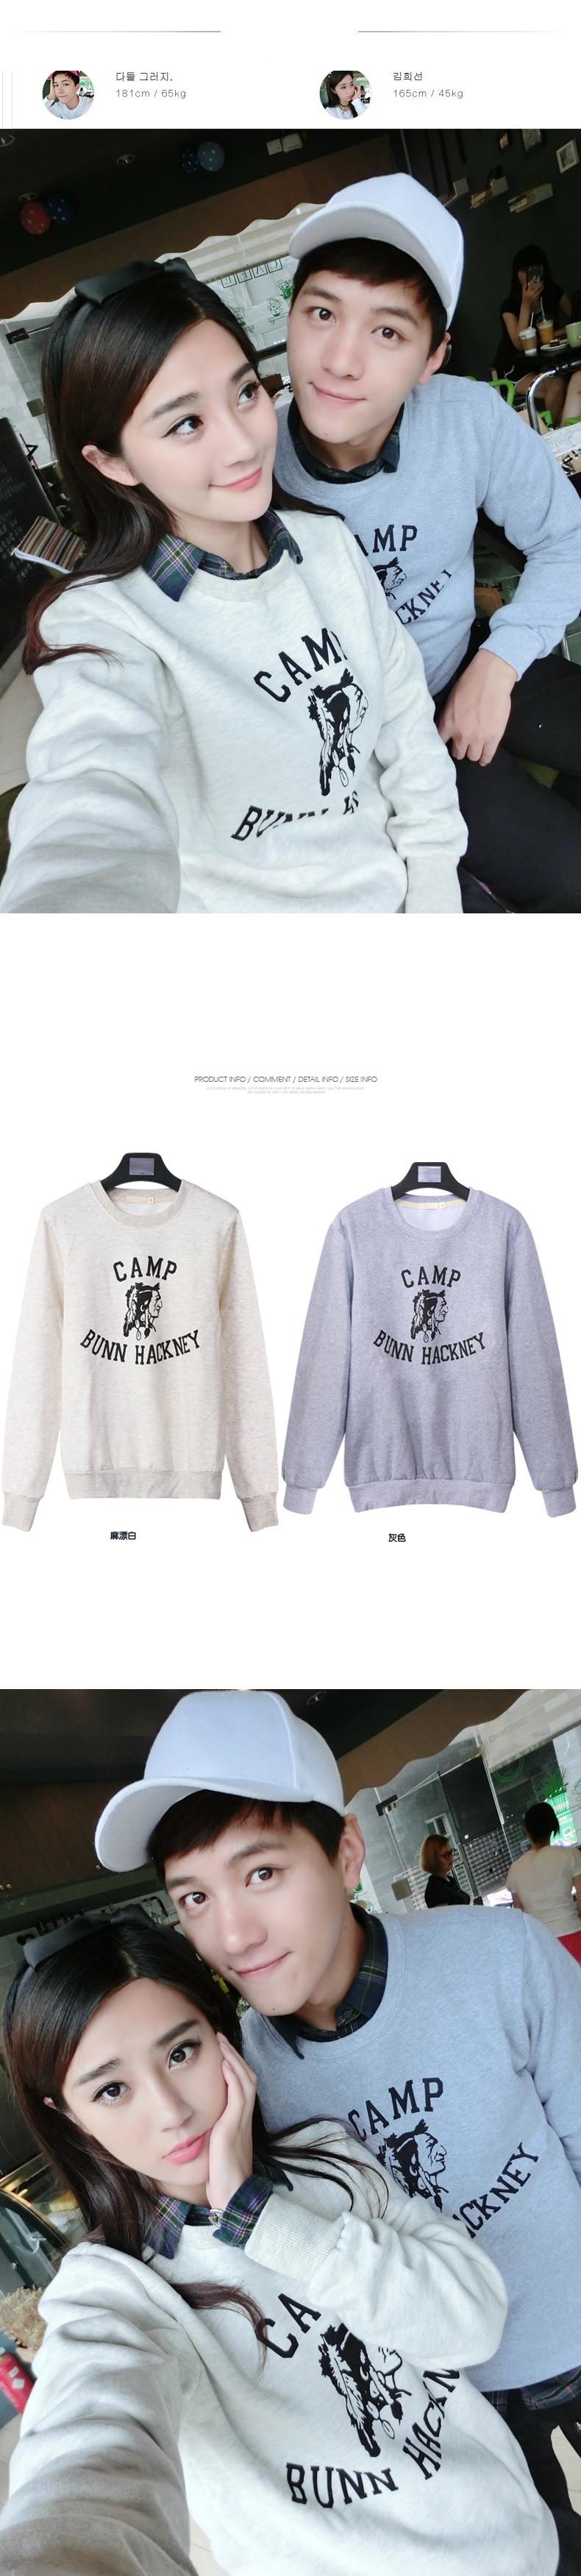 ◆快速出貨◆刷毛T恤 圓領刷毛 情侶T恤 暖暖刷毛 MIT台灣製.CAMP 印地安【YS0492】可單買.艾咪E舖